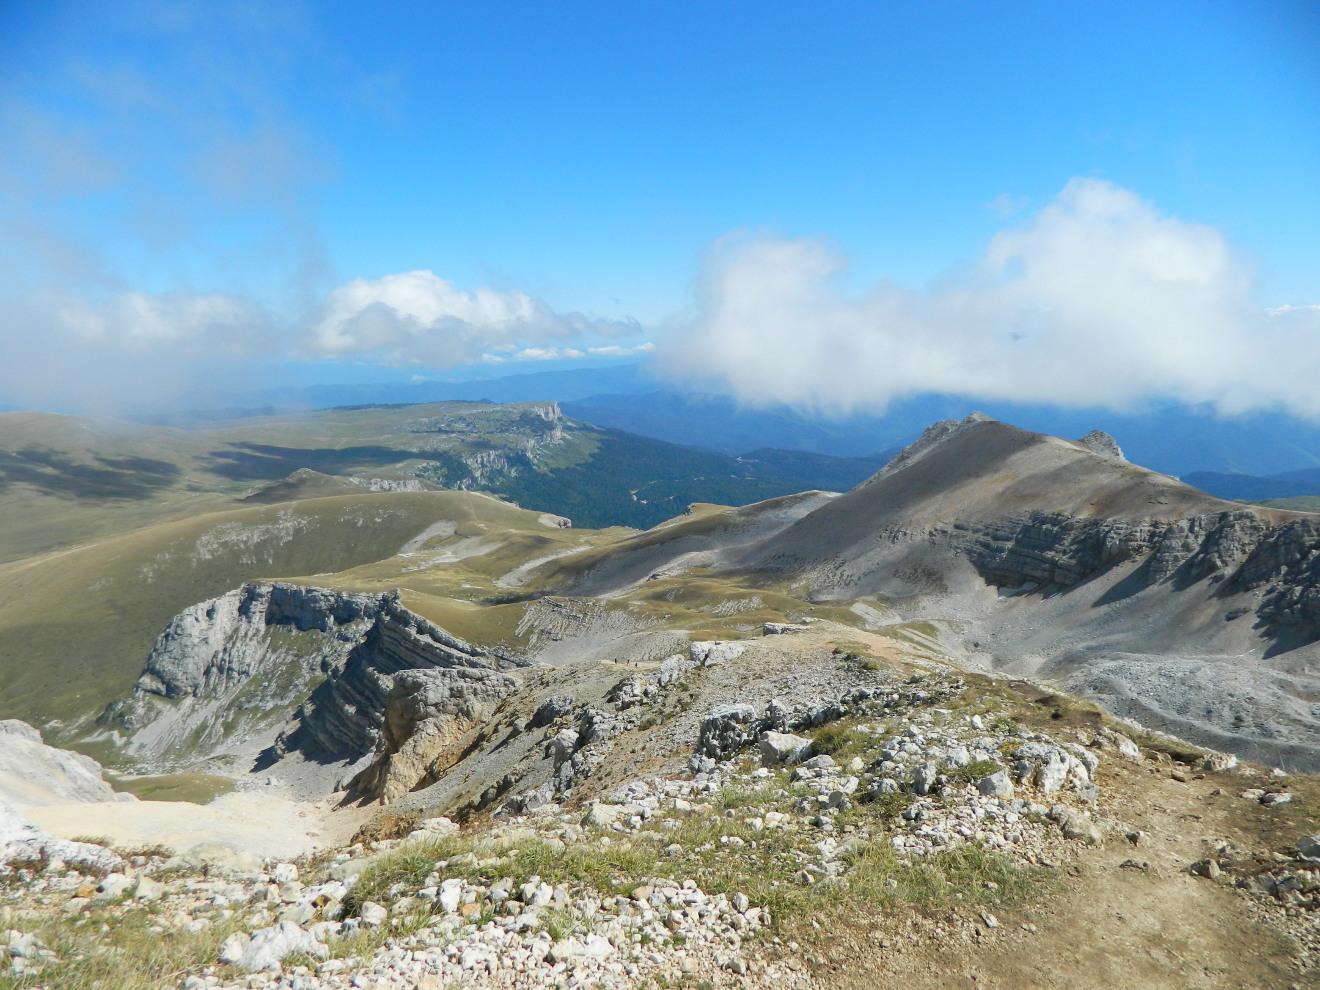 Ультрамариновый вид с горы Оштен, Кавказский биосферный заповедник, Адыгея